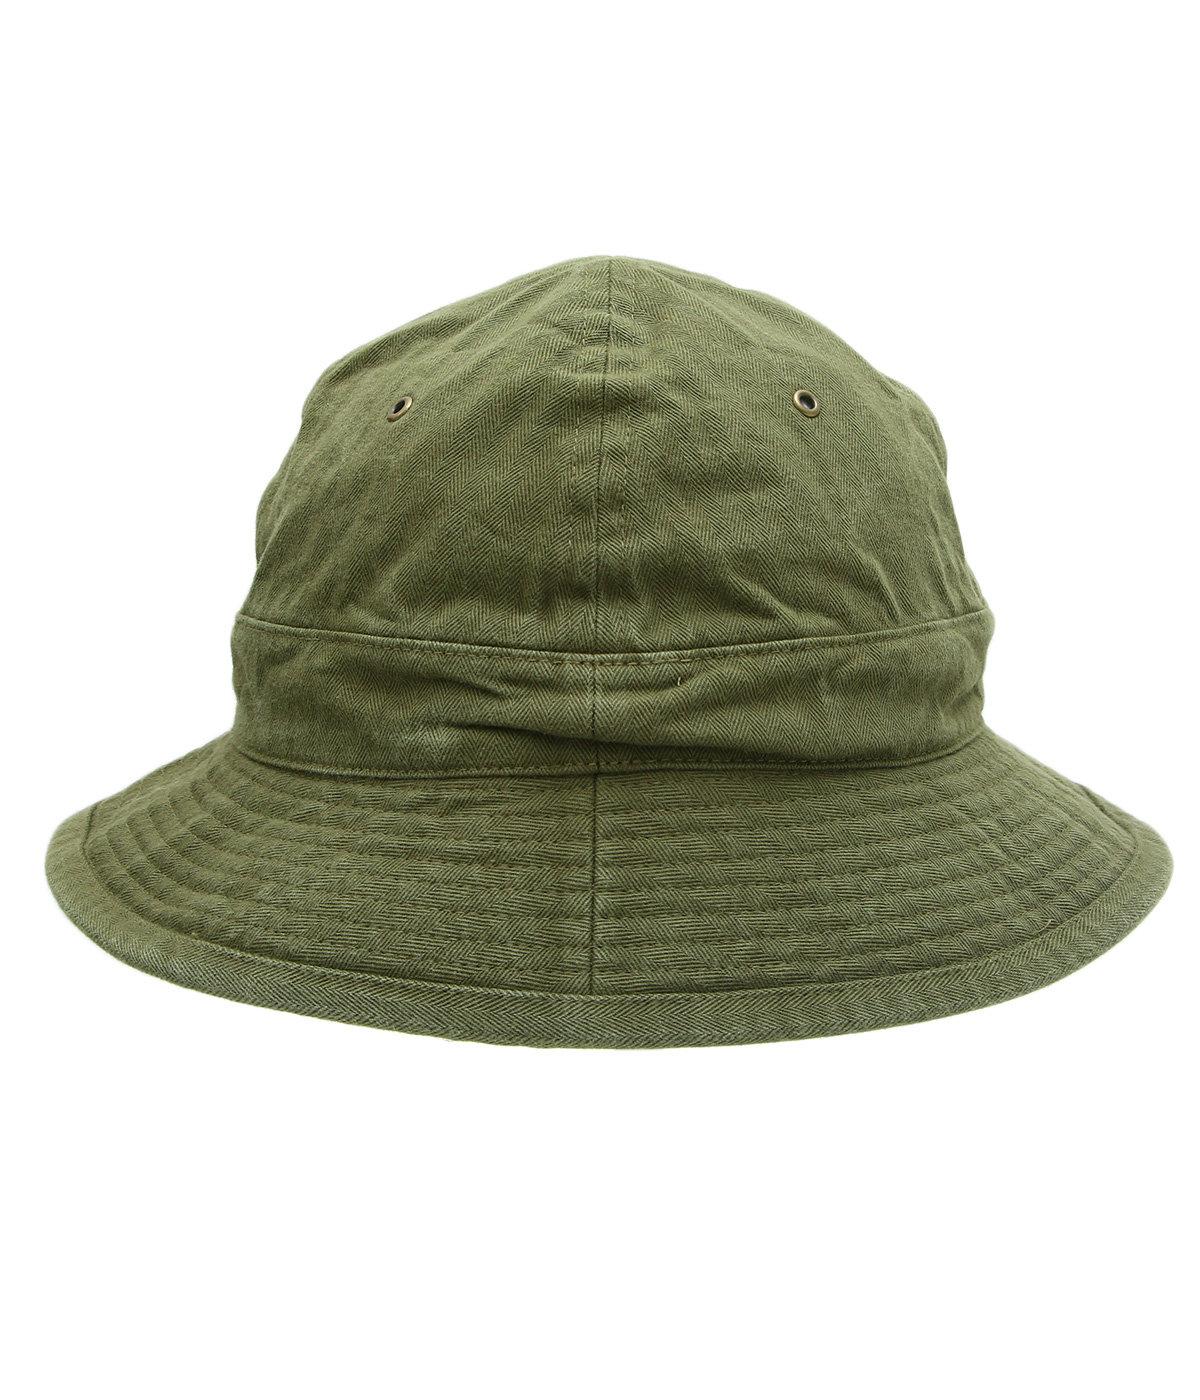 HATS. HERRINGBONE